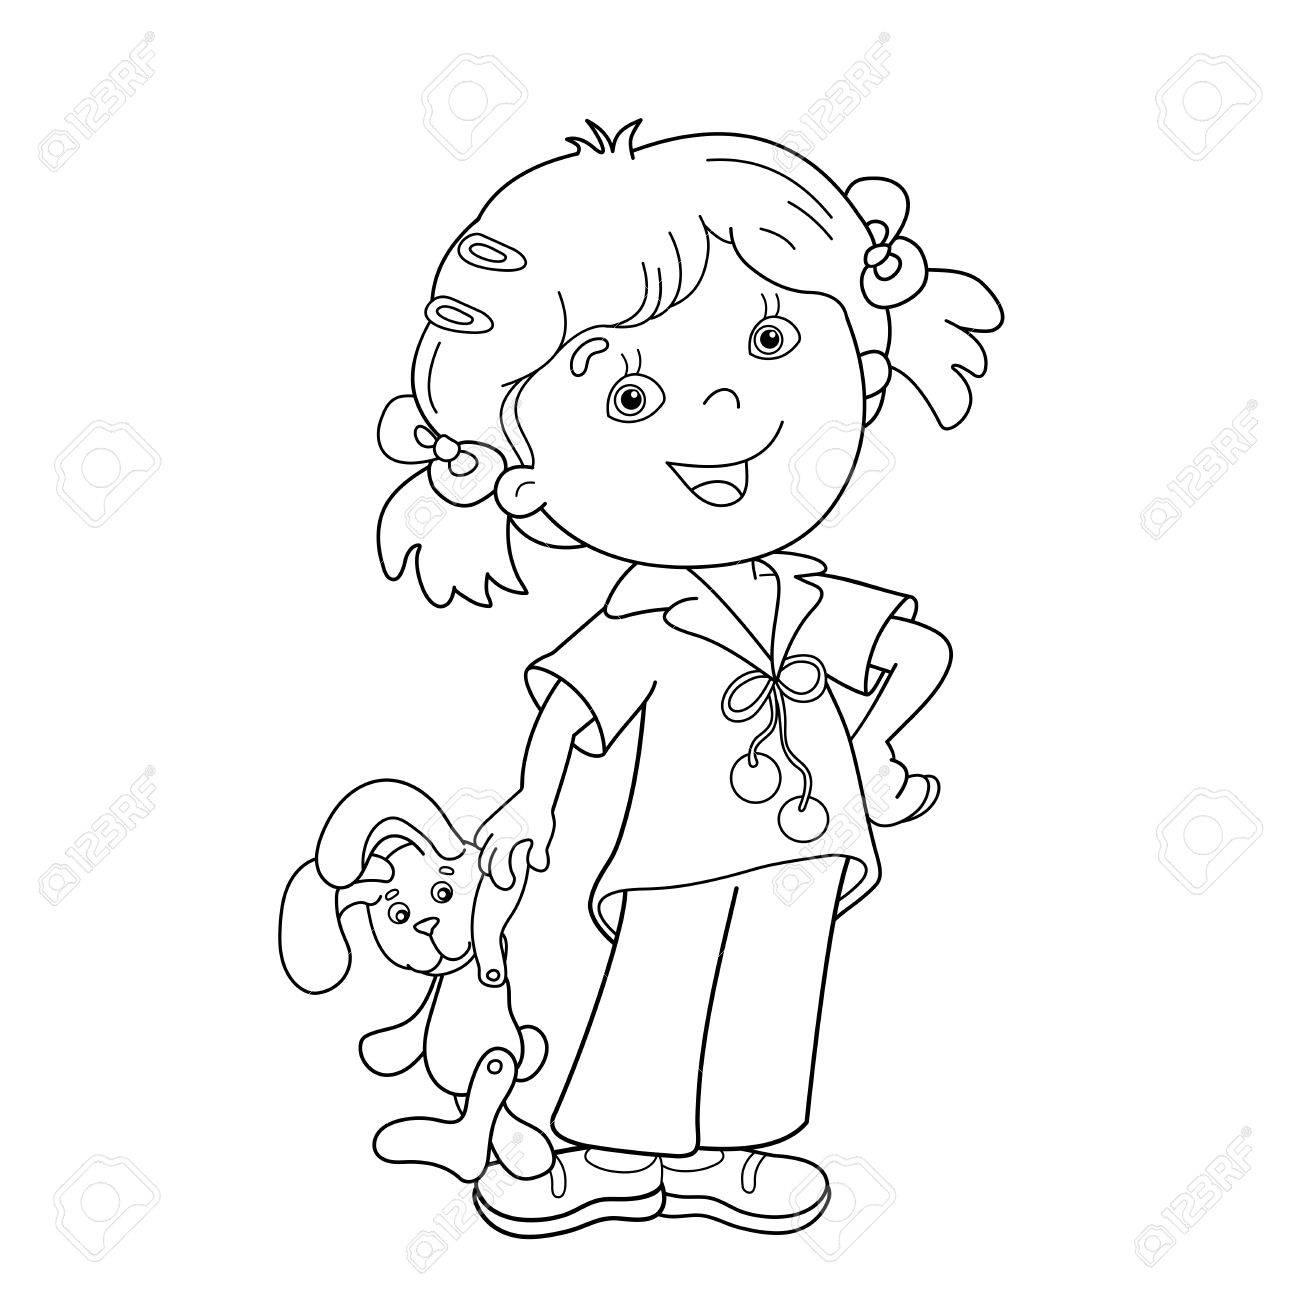 Página Para Colorear Esquema De Niña De Dibujos Animados Con Liebre Juguete Libro De Colorear Para Niños